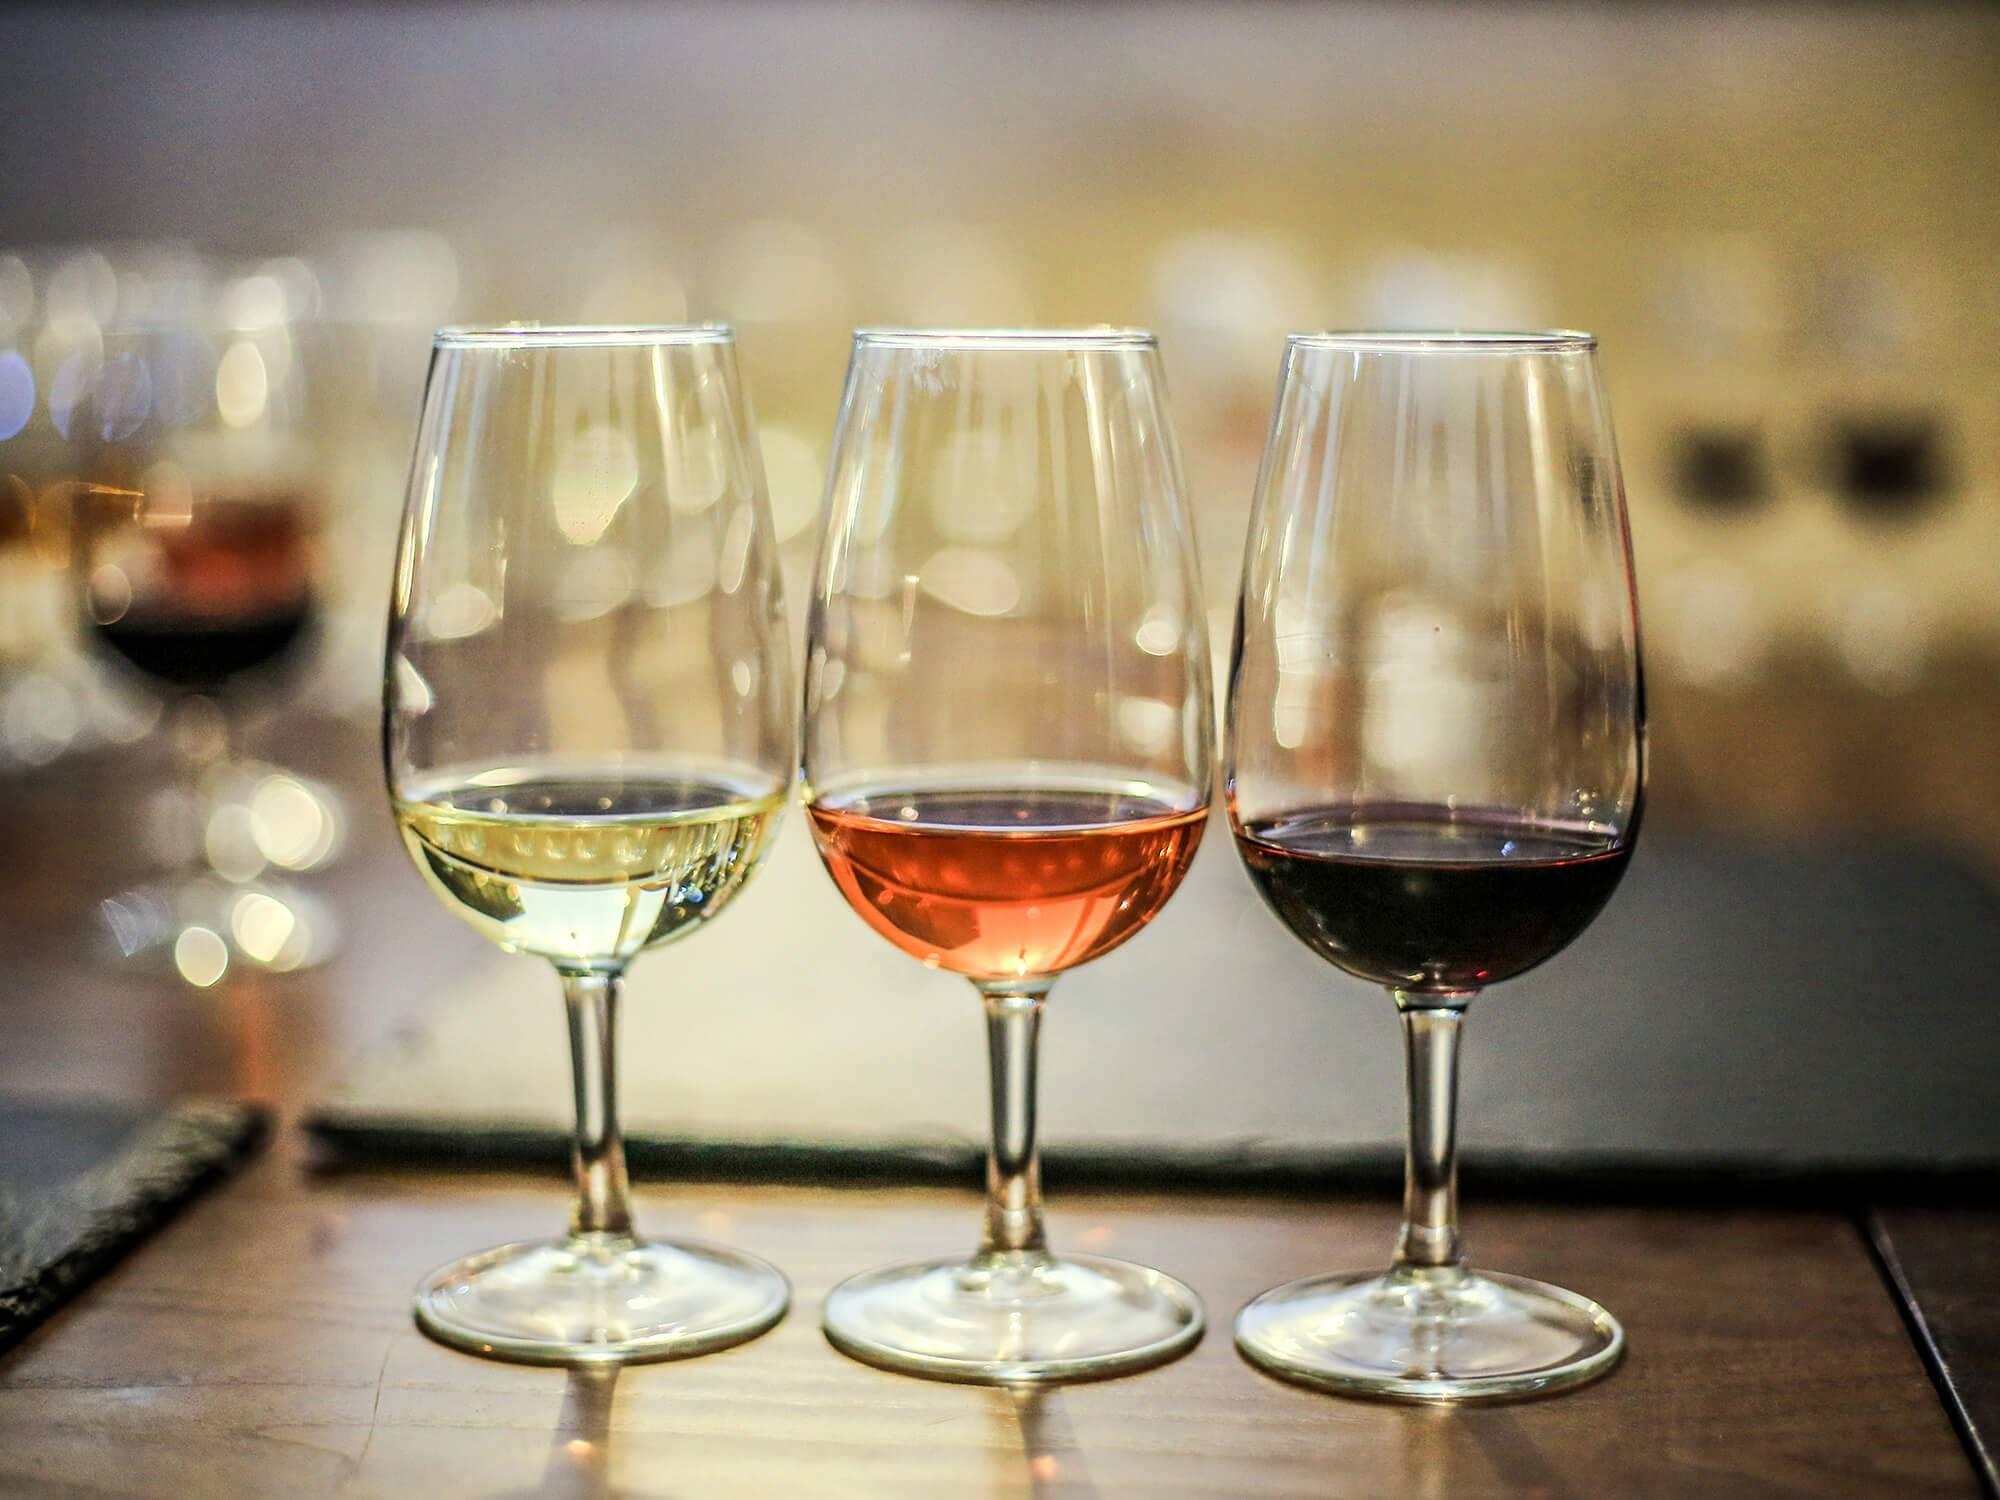 vinho tinto branco e espumante quando degustar vinhotintobrancoeespumantequandodegustar